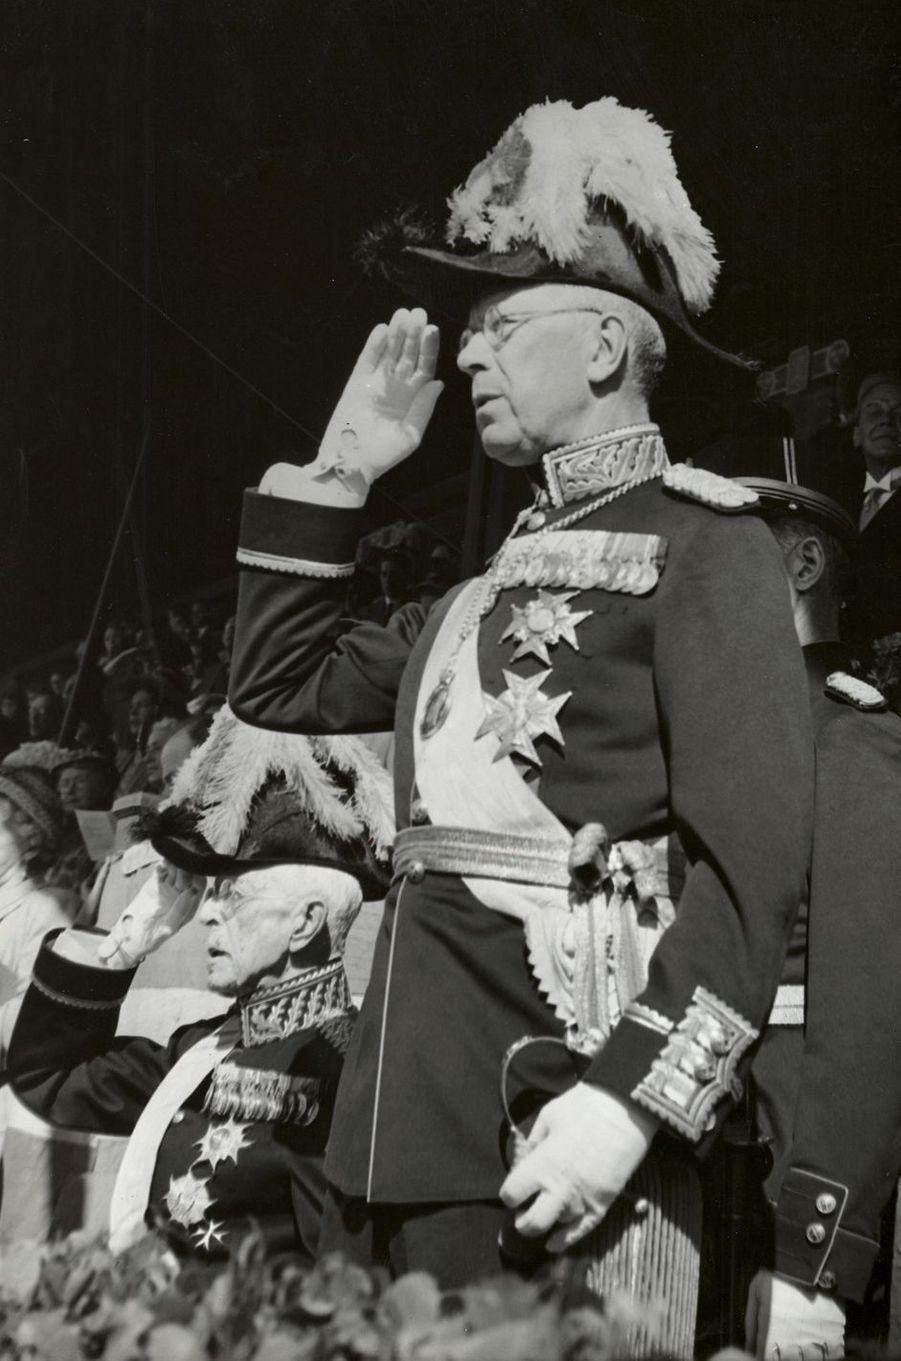 Le futur roi Gustaf VI Adolf de Suède avec son père le roi Gustaf V, le 6 juin 1949